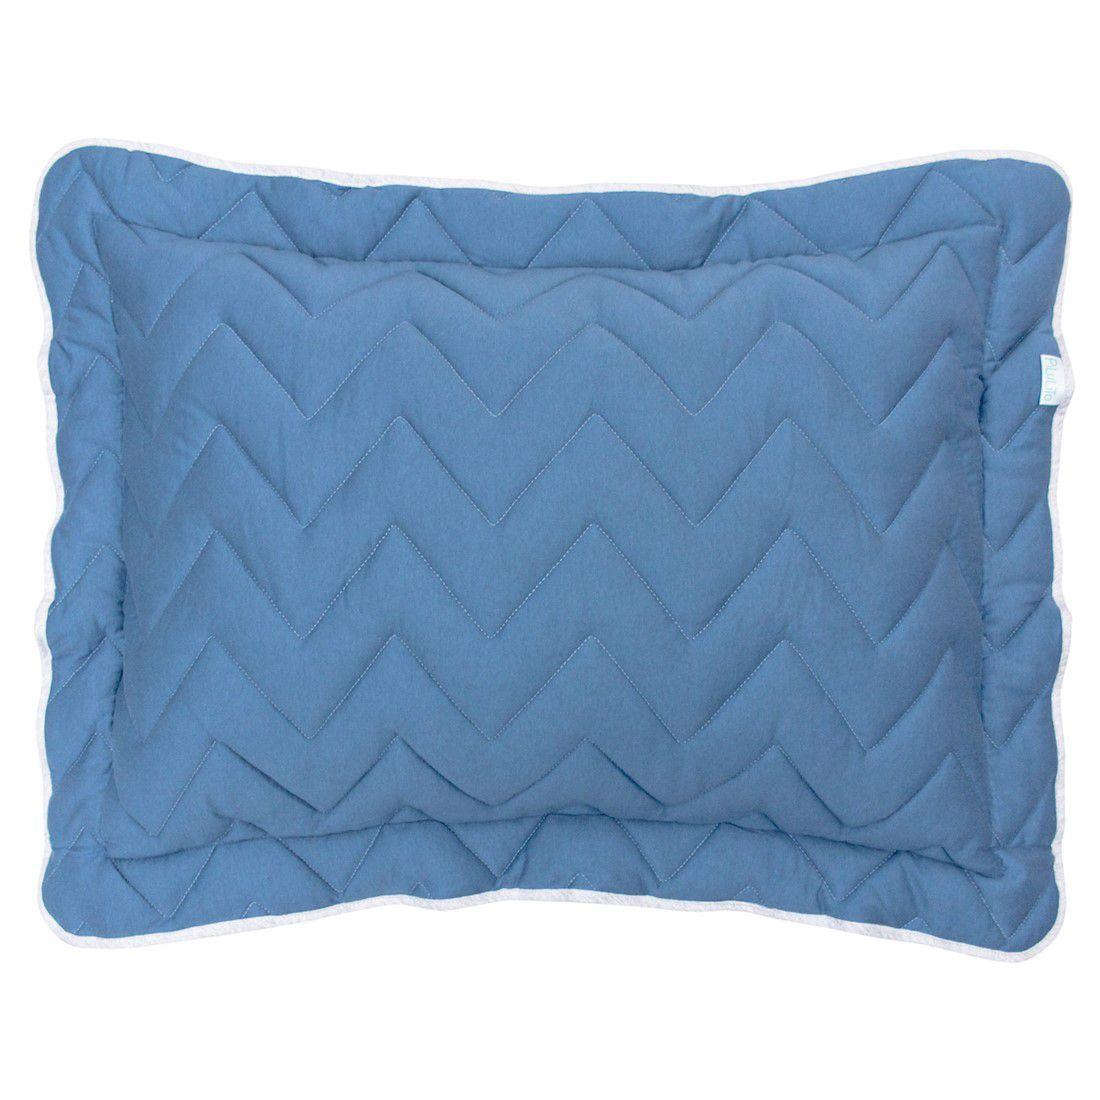 Porta travesseiro em malha chevron 70x50cm azul cobalto